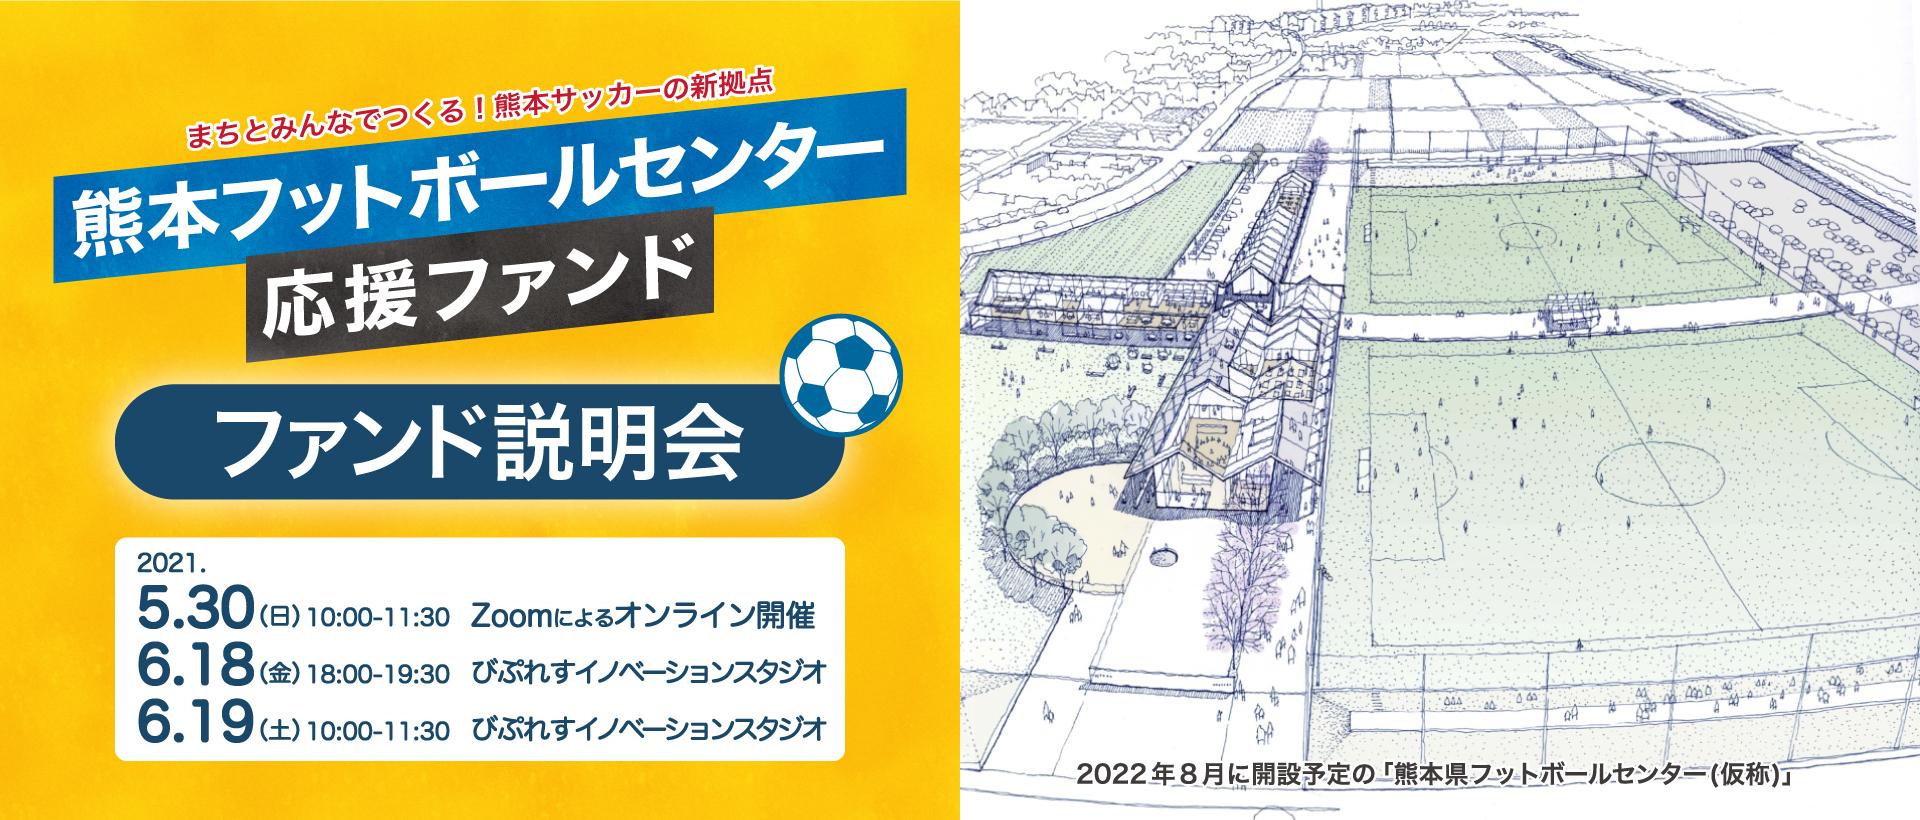 熊本フットボールセンター応援ファンド説明会